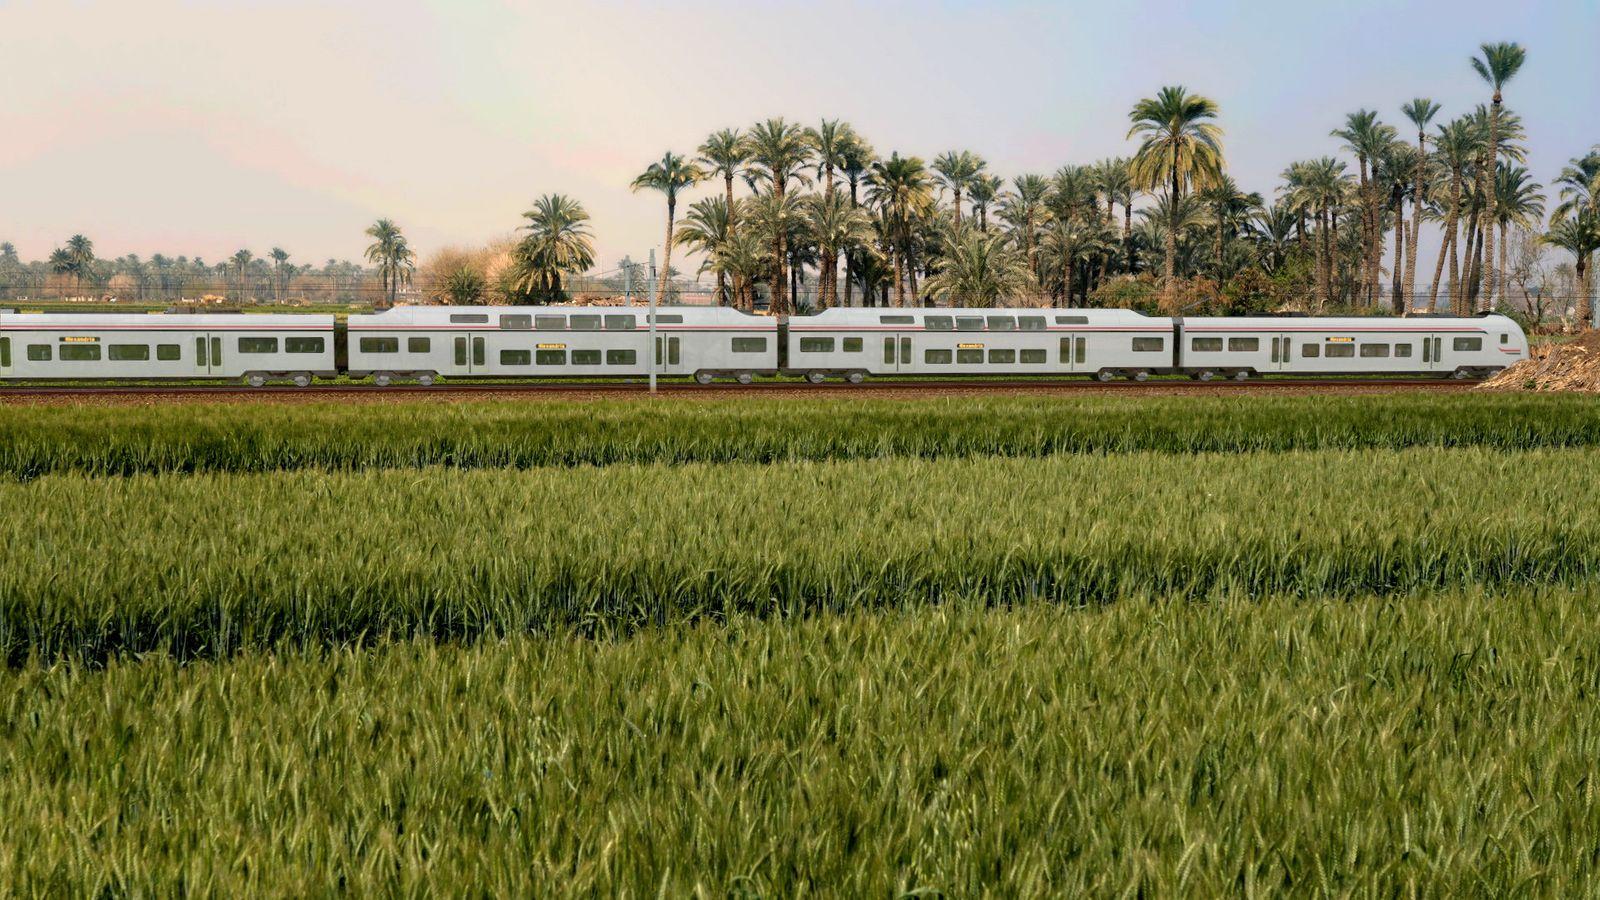 Milliardenauftrag für Siemens-Zugsparte aus Ägypten